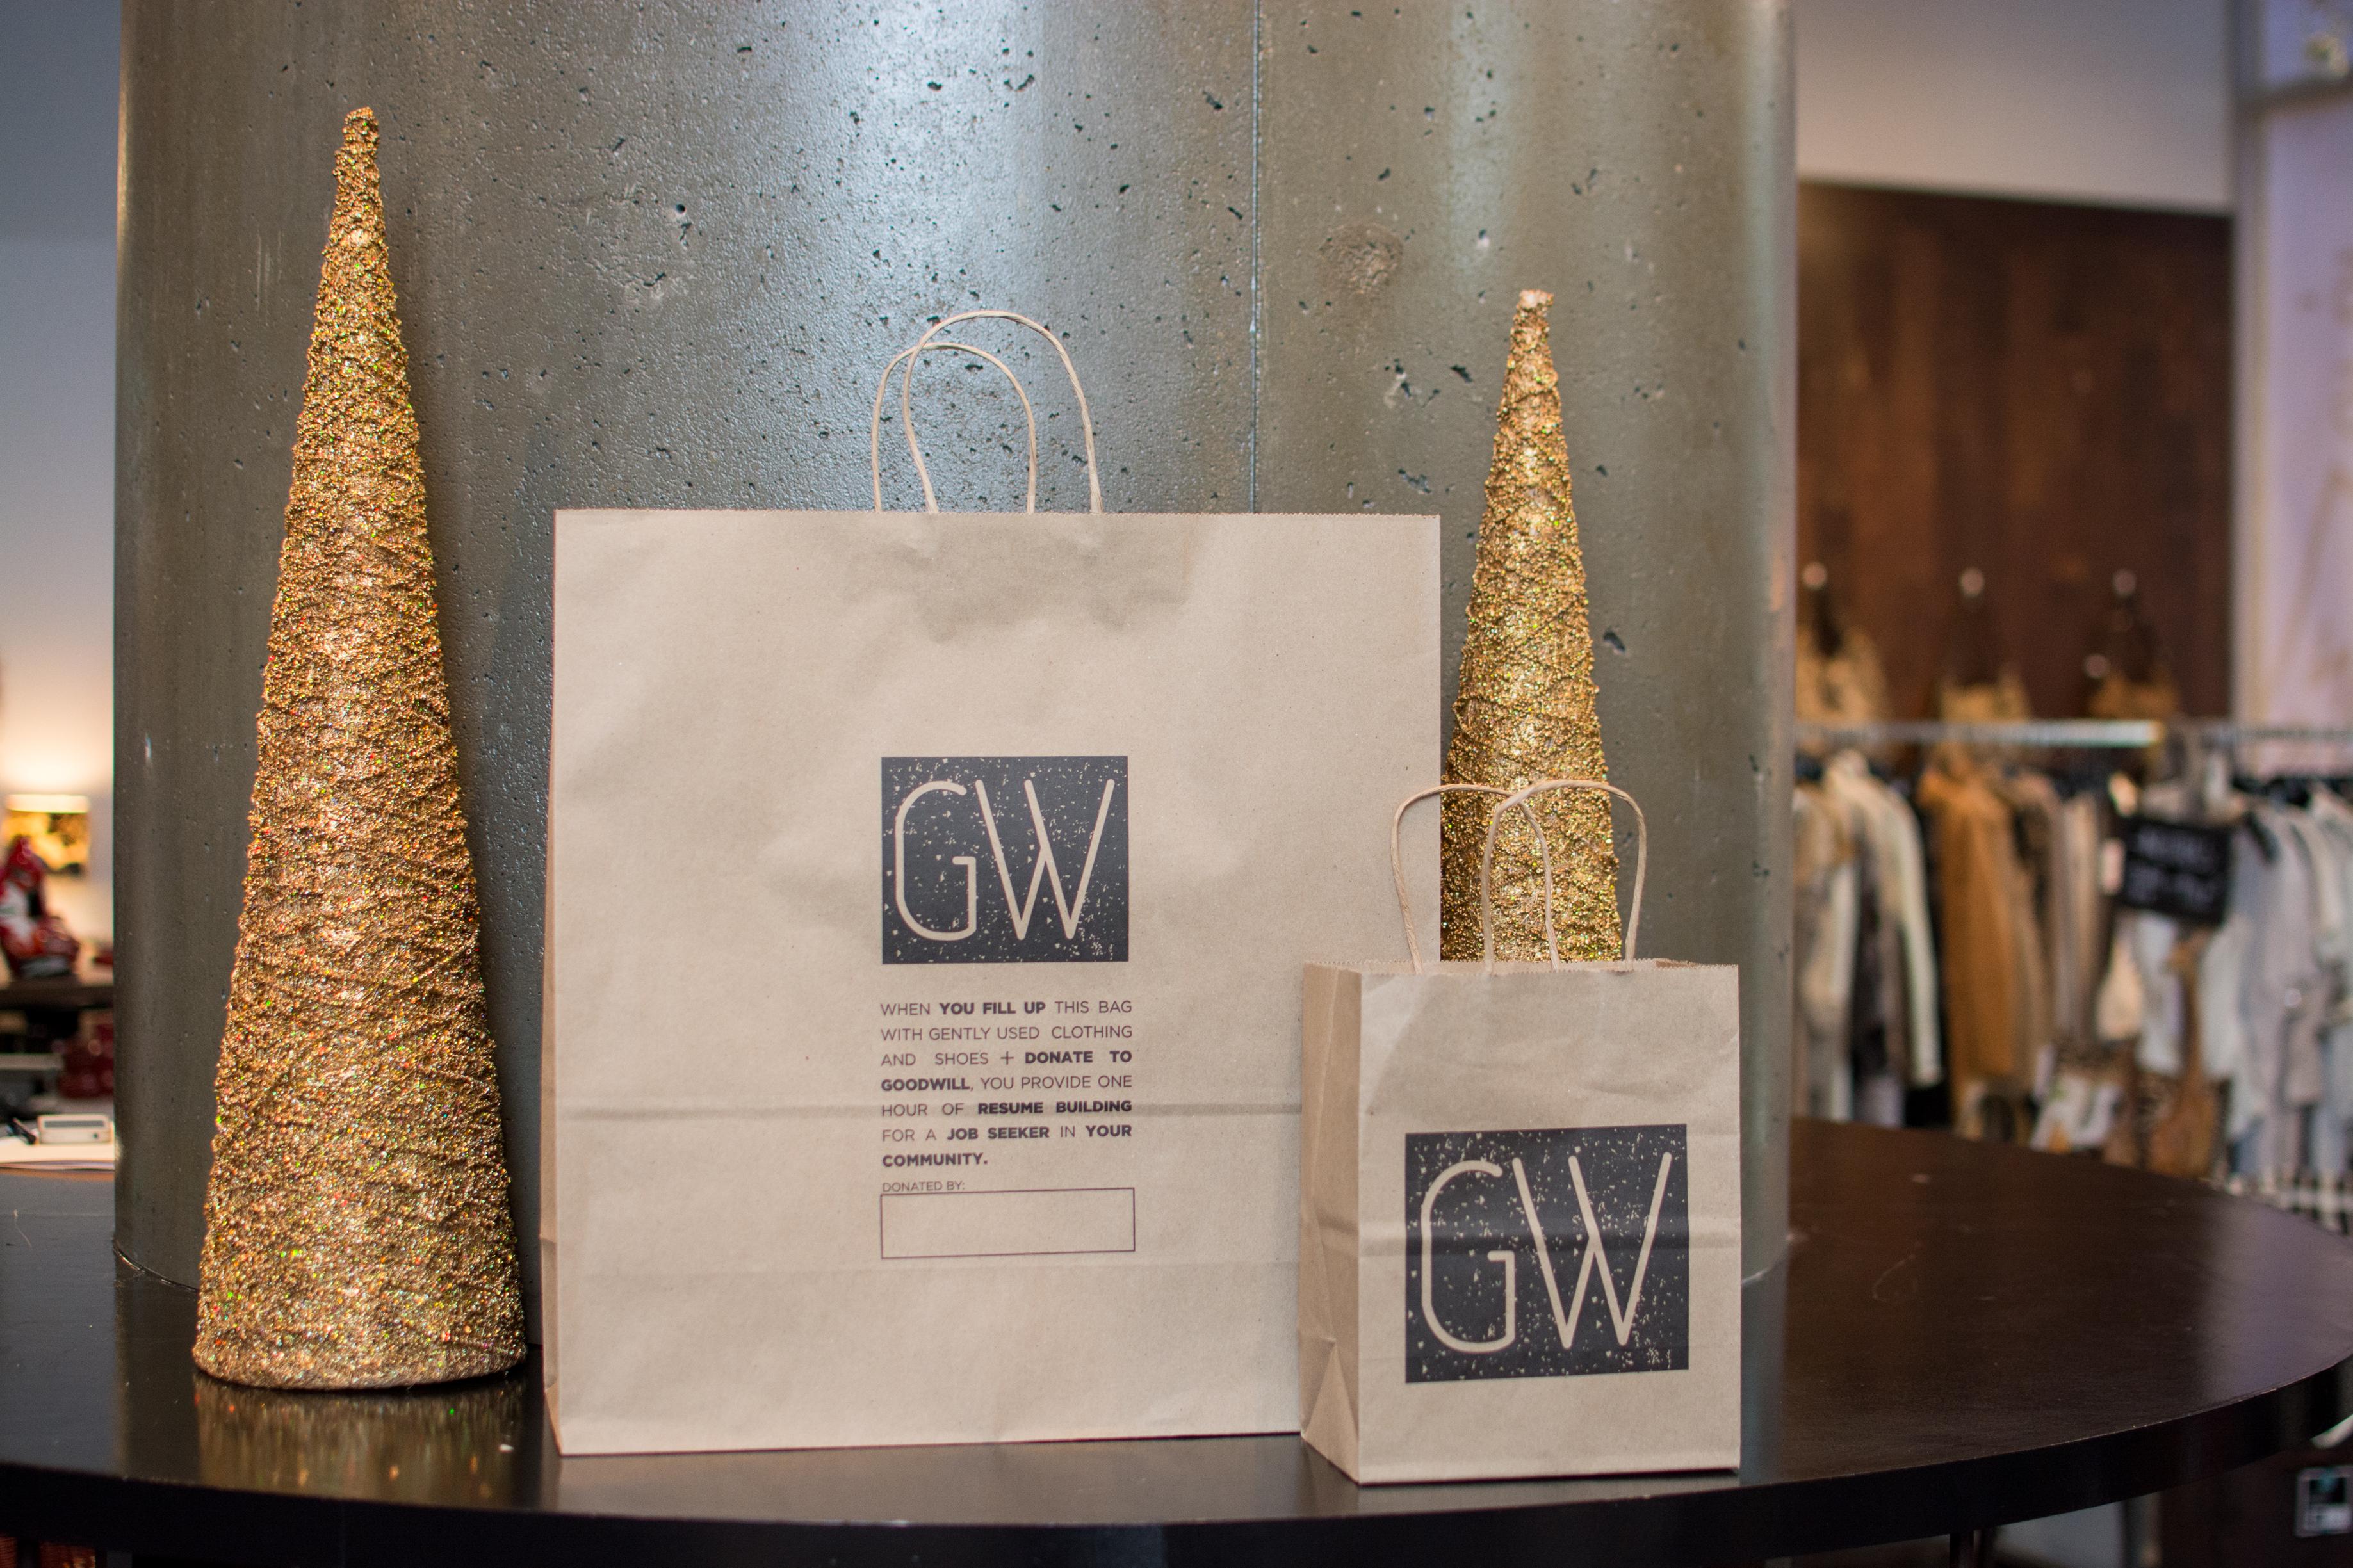 Goodwill-GW-149